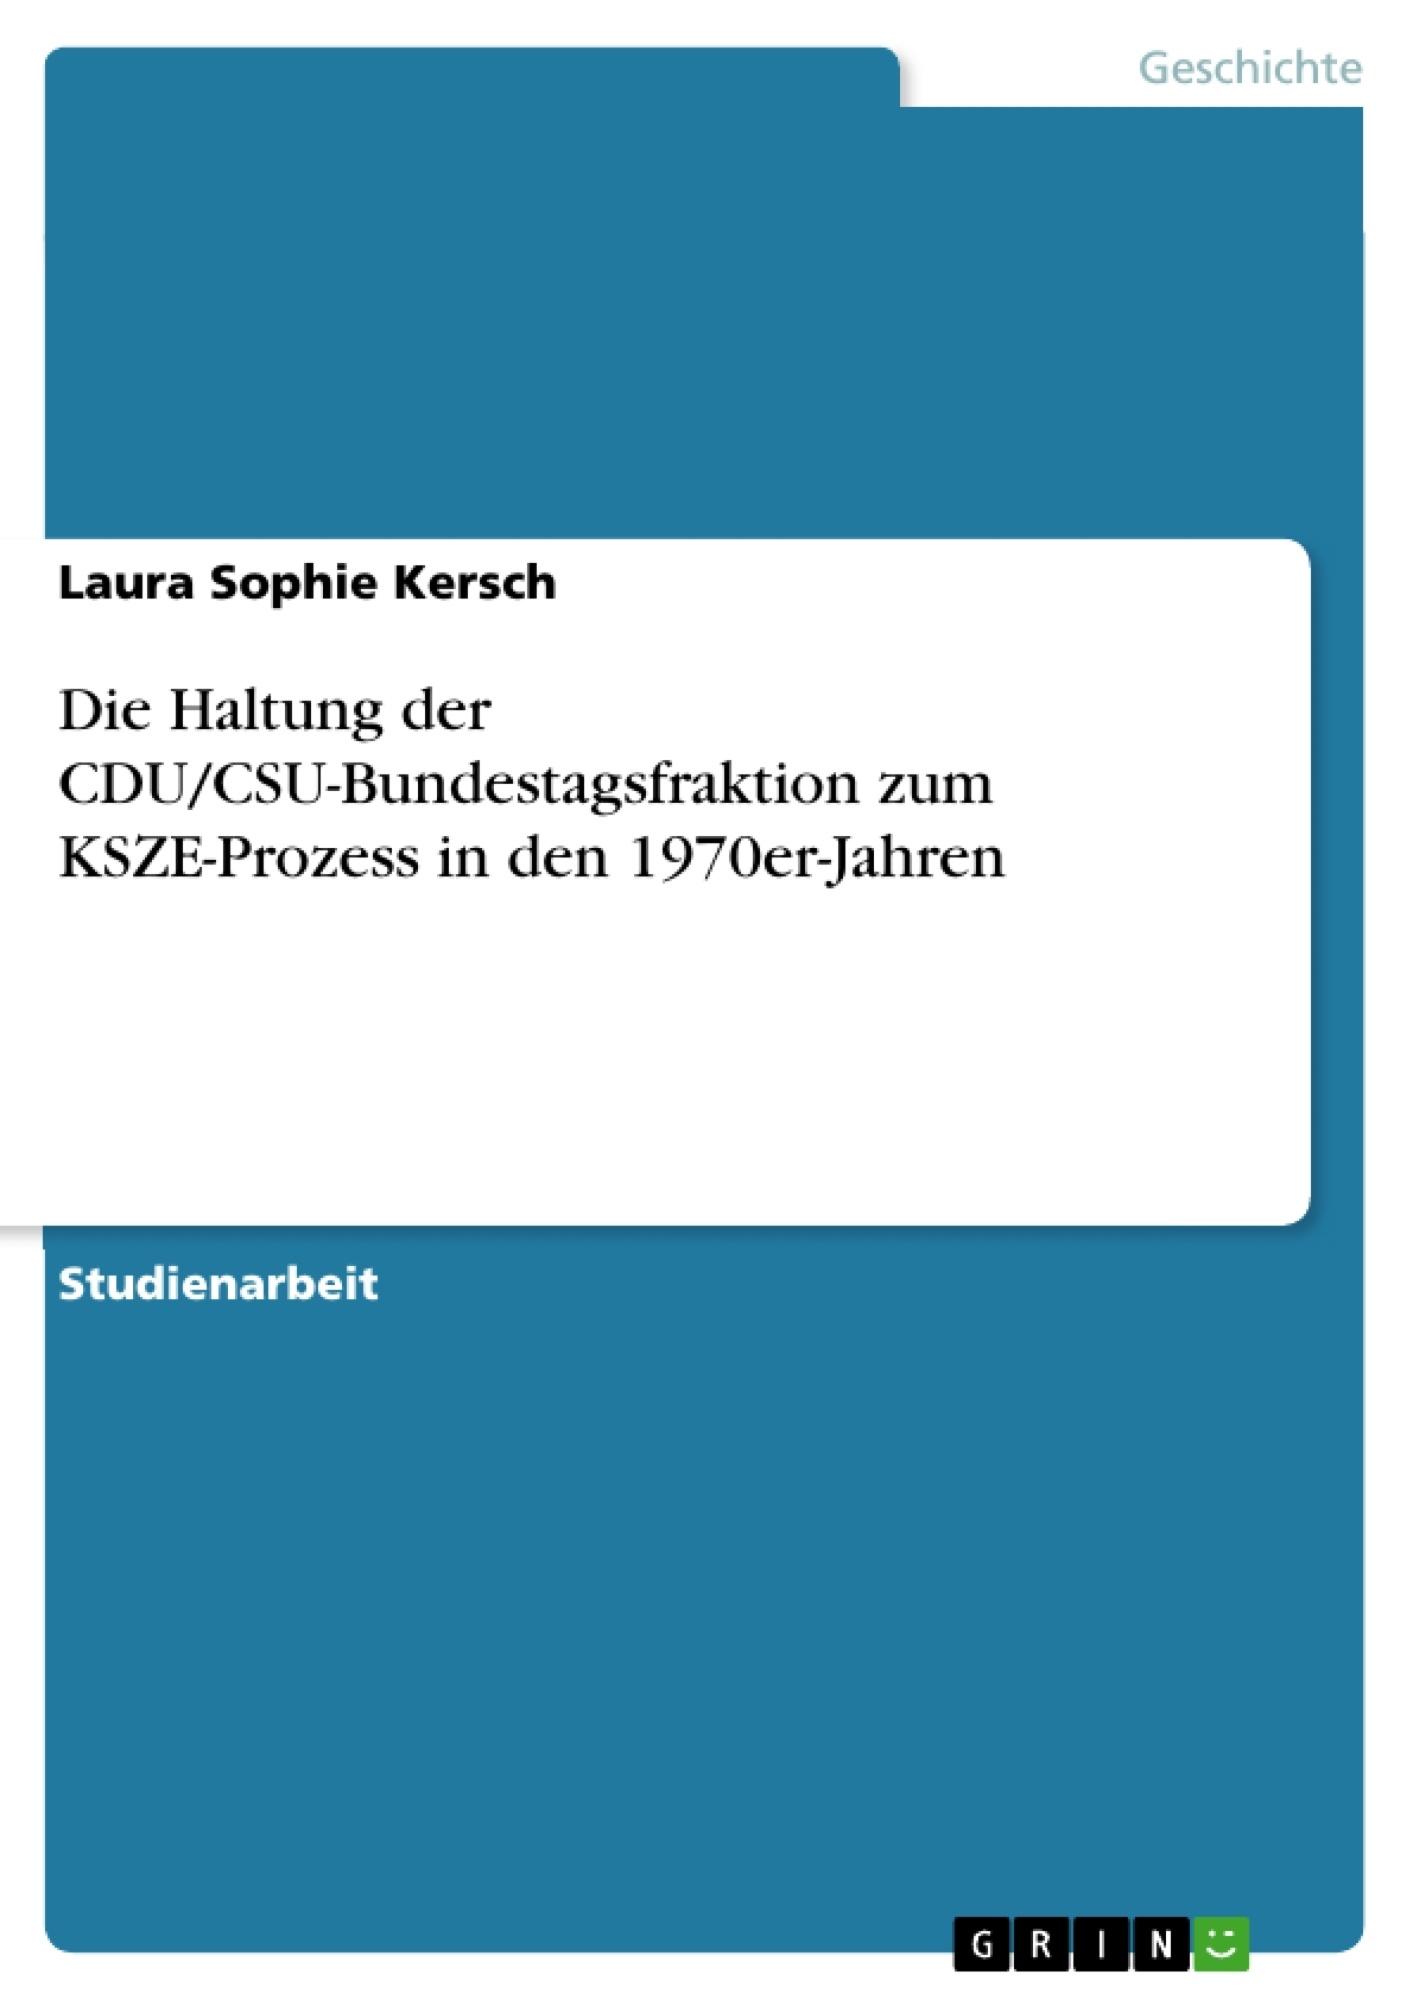 Titel: Die Haltung der CDU/CSU-Bundestagsfraktion zum KSZE-Prozess in den 1970er-Jahren